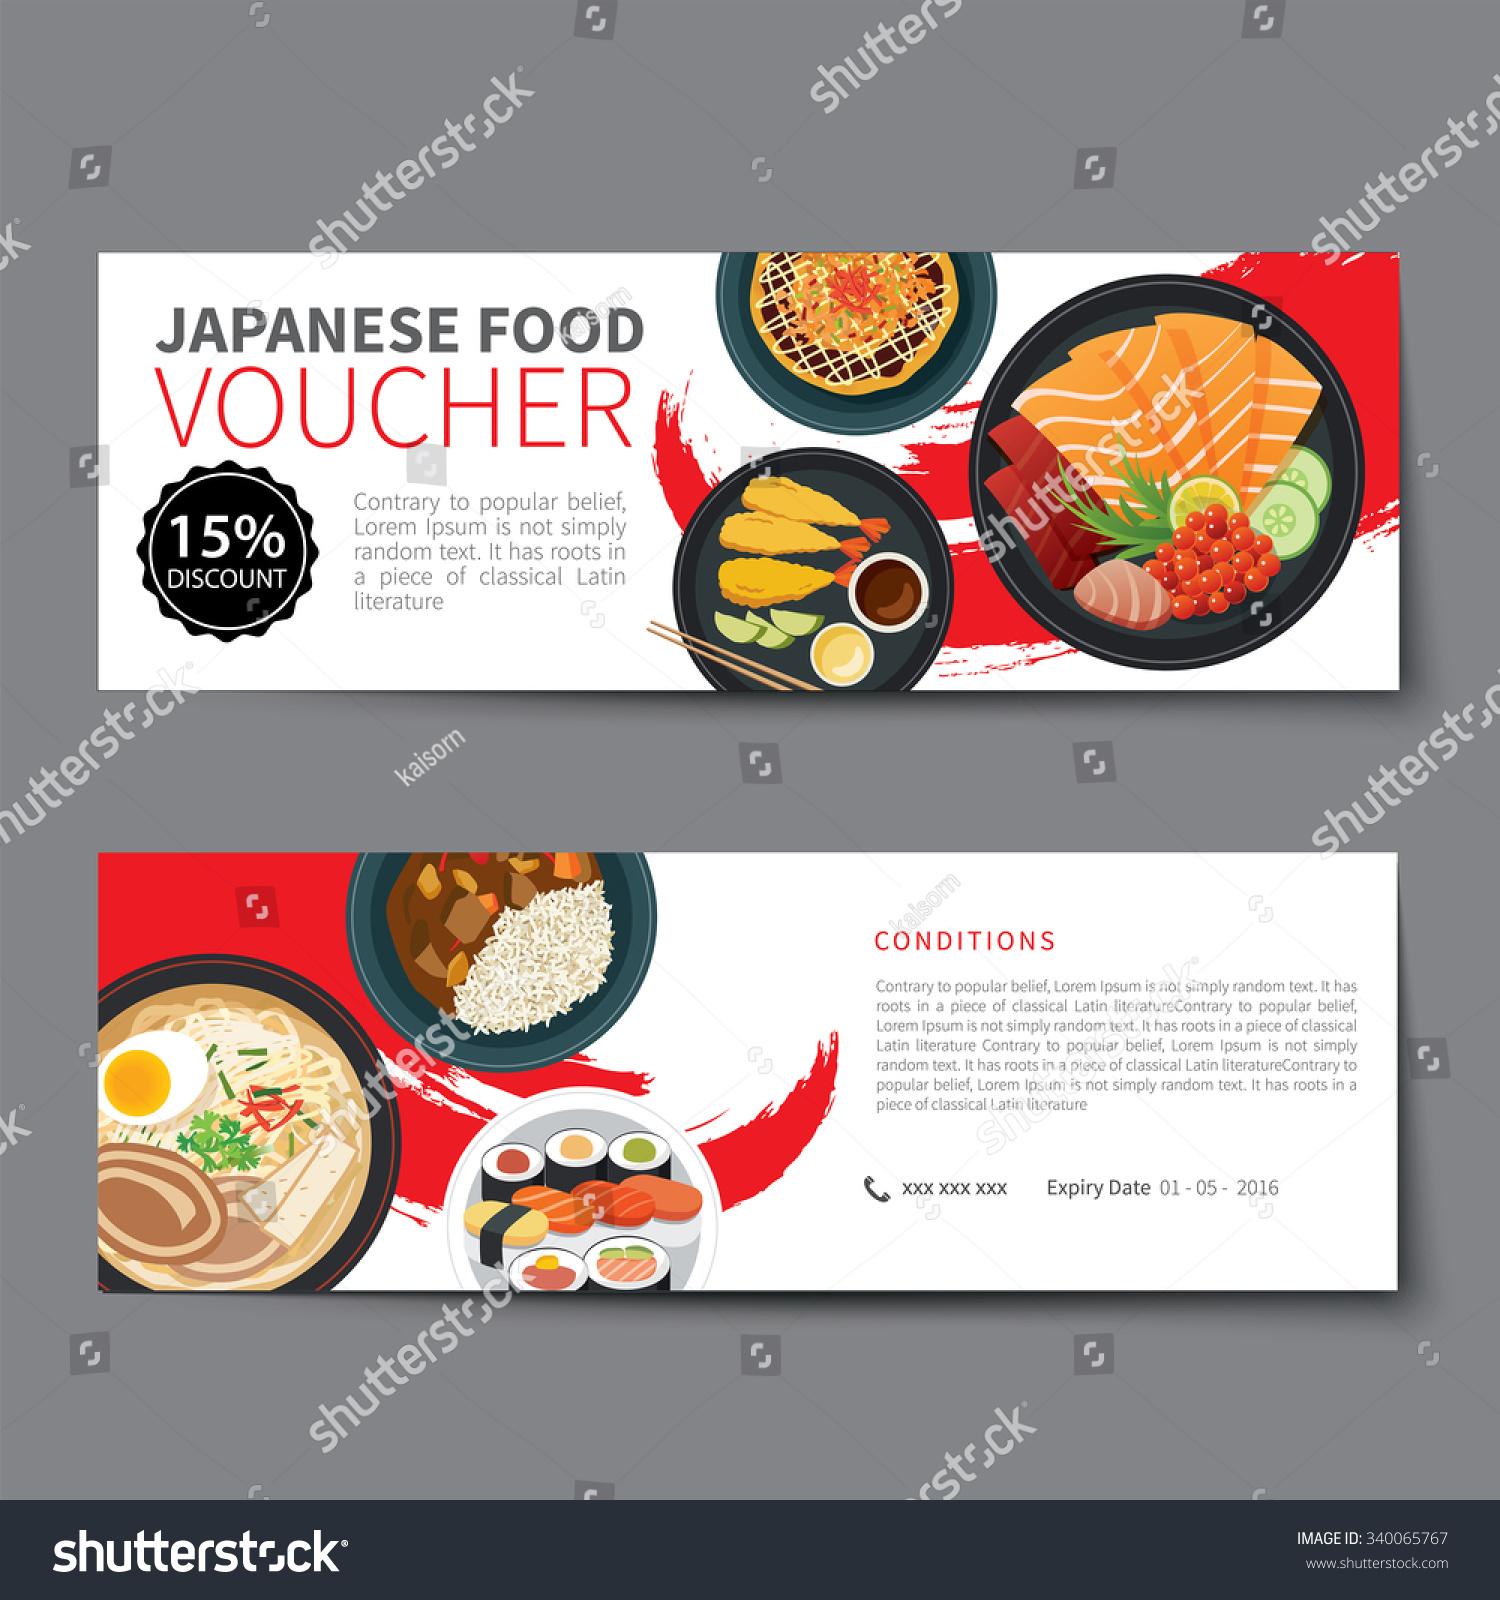 Doc400243 Meal Voucher Template Breakfast Voucher Template – Lunch Voucher Template